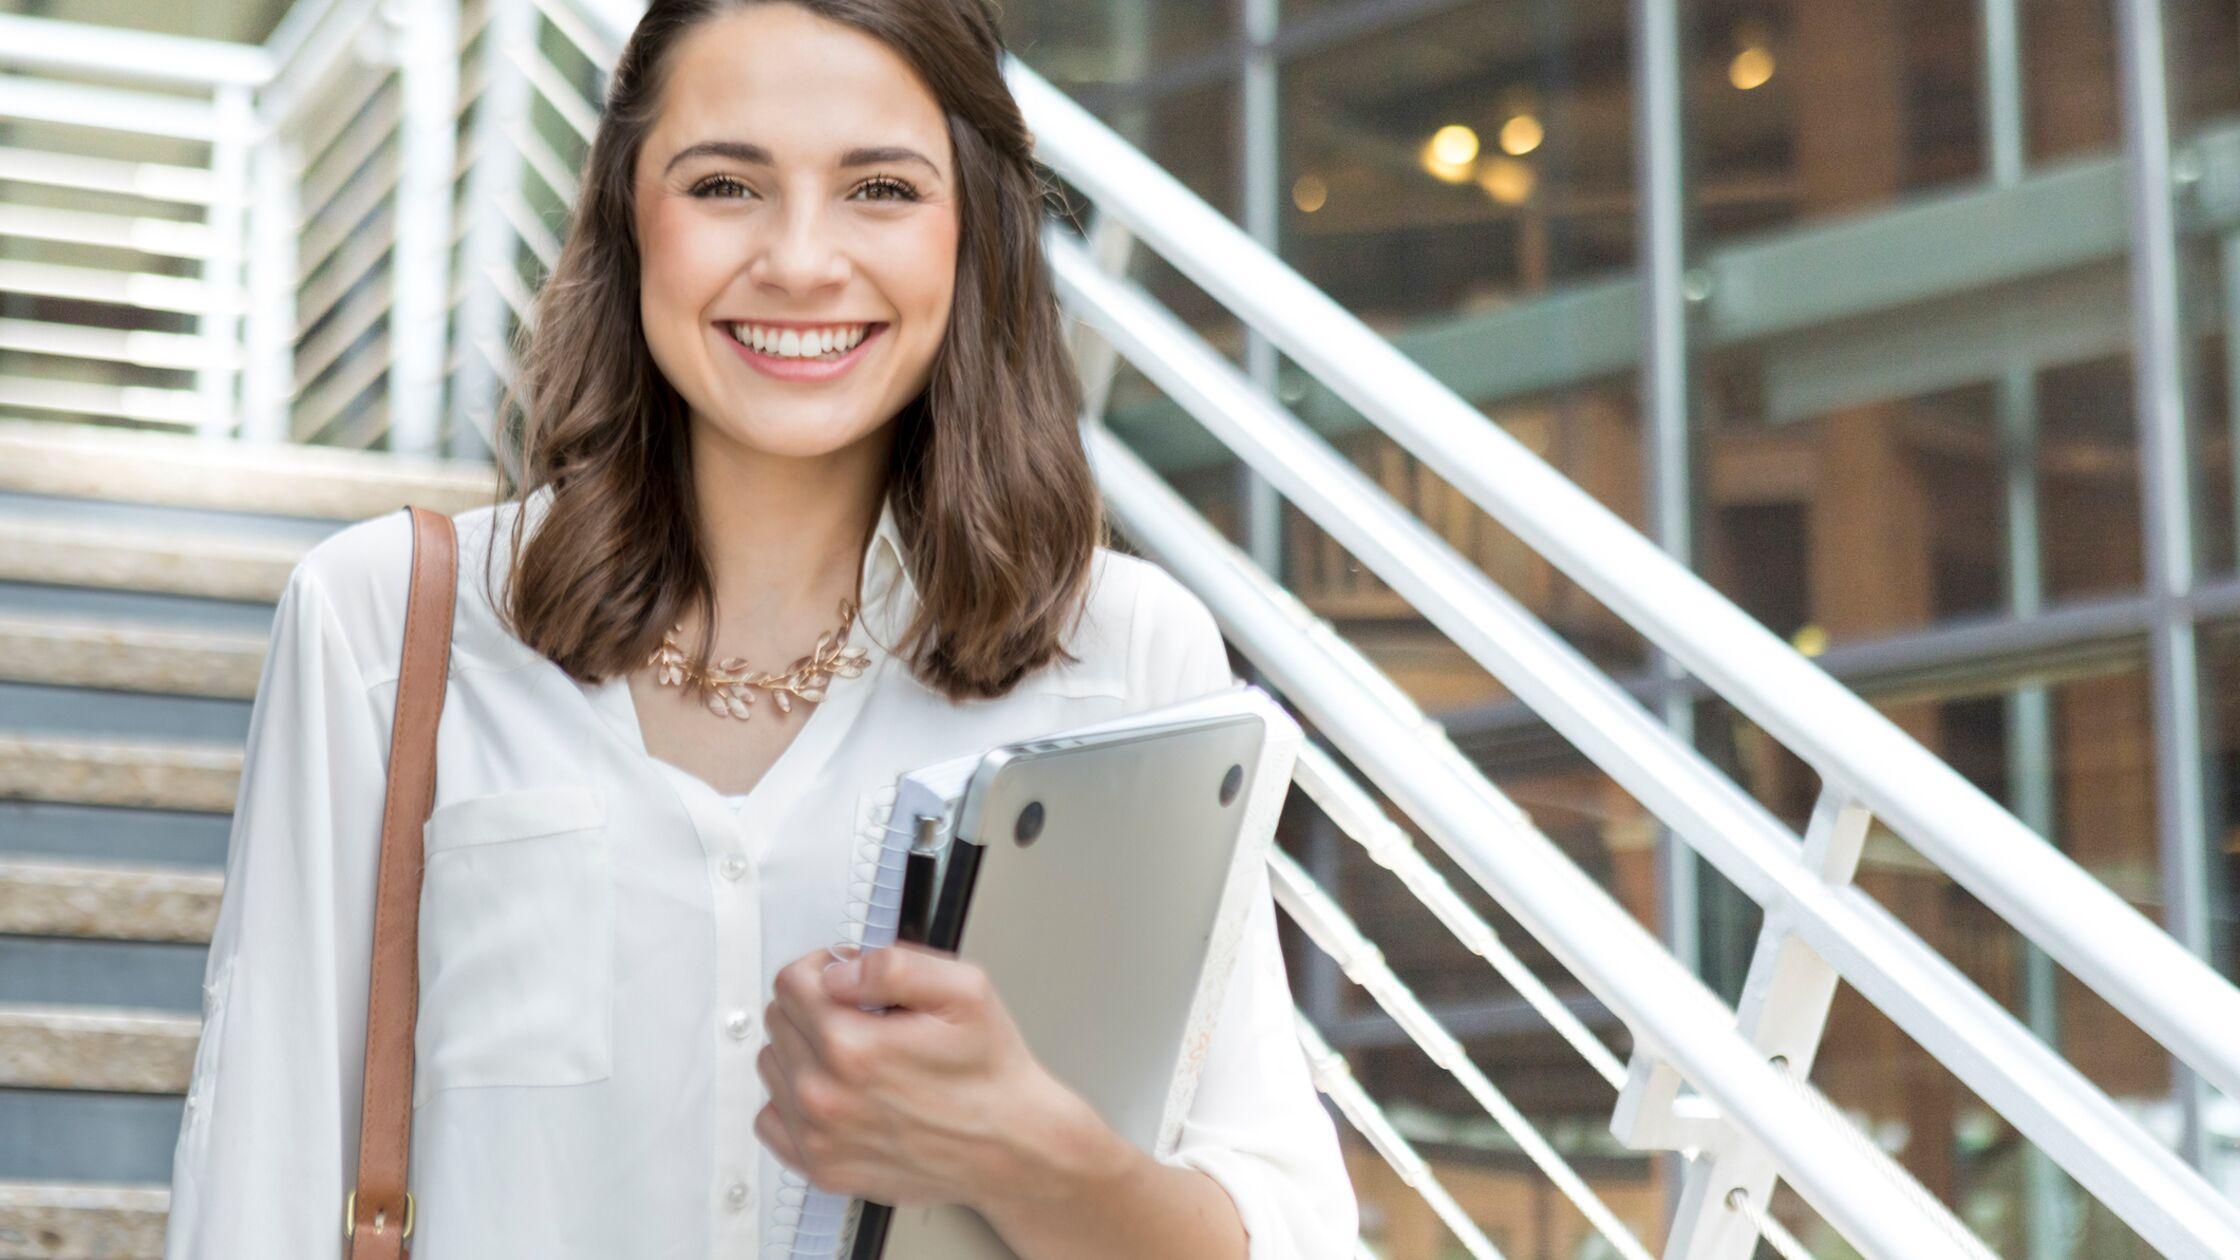 Junge Frau mit Laptop und Schreibblock in einem Treppenhaus